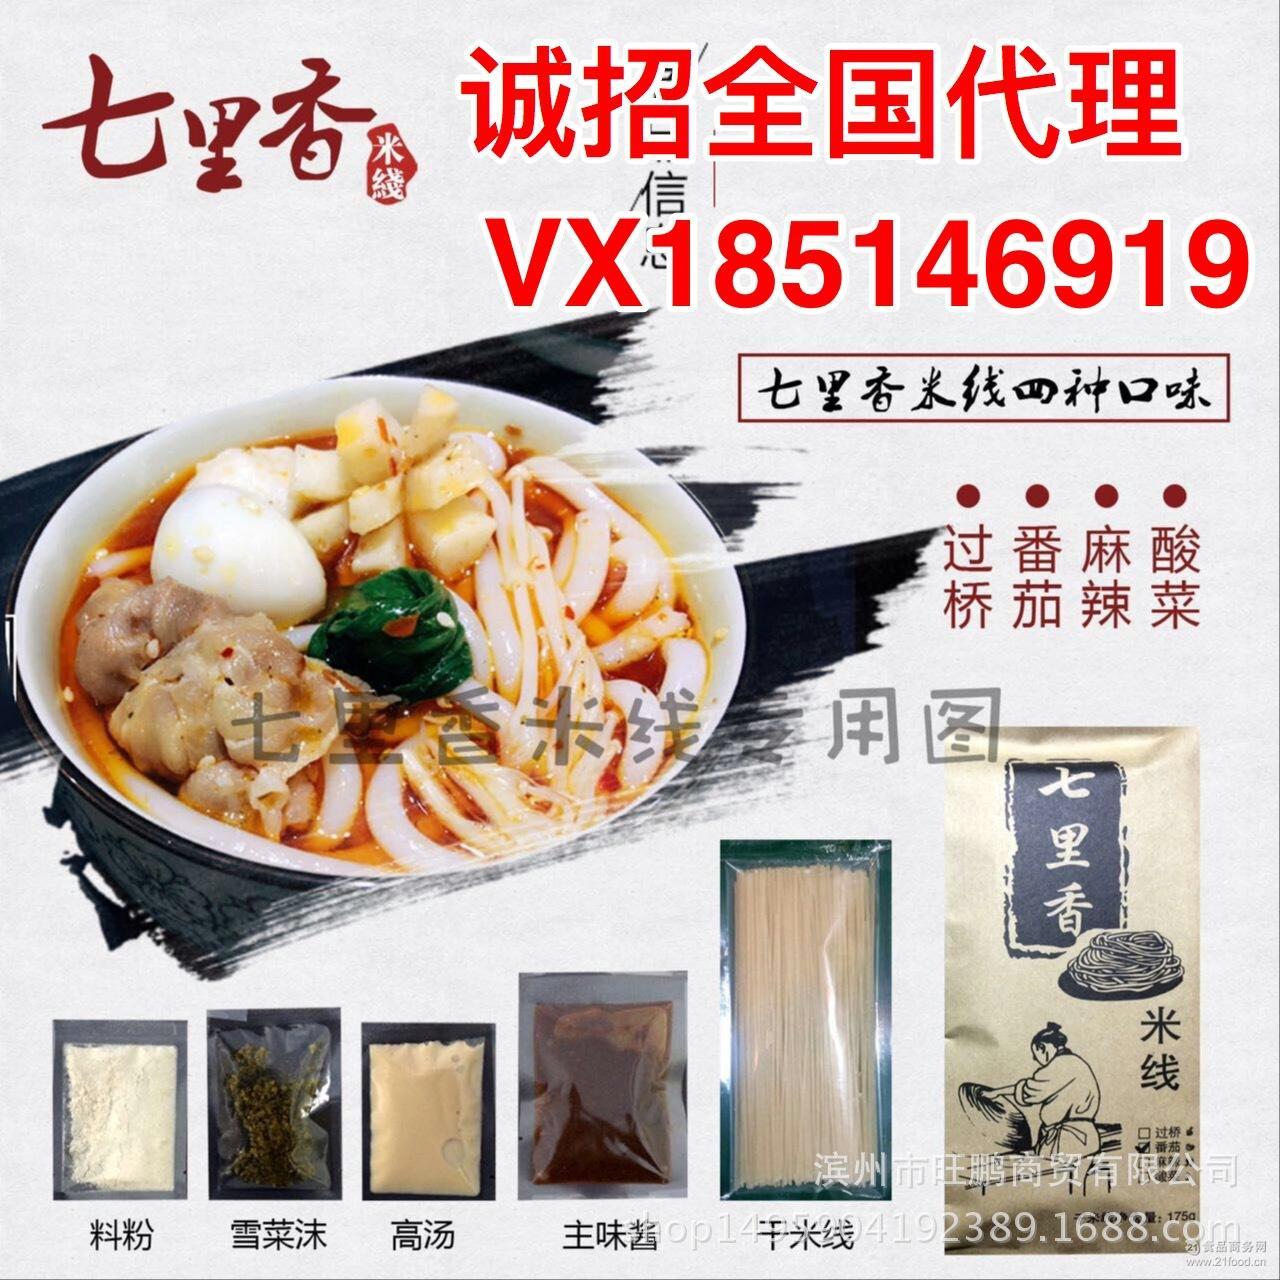 青州七里香过桥米线纯手工大米制作批发零售招代理20袋包邮图片